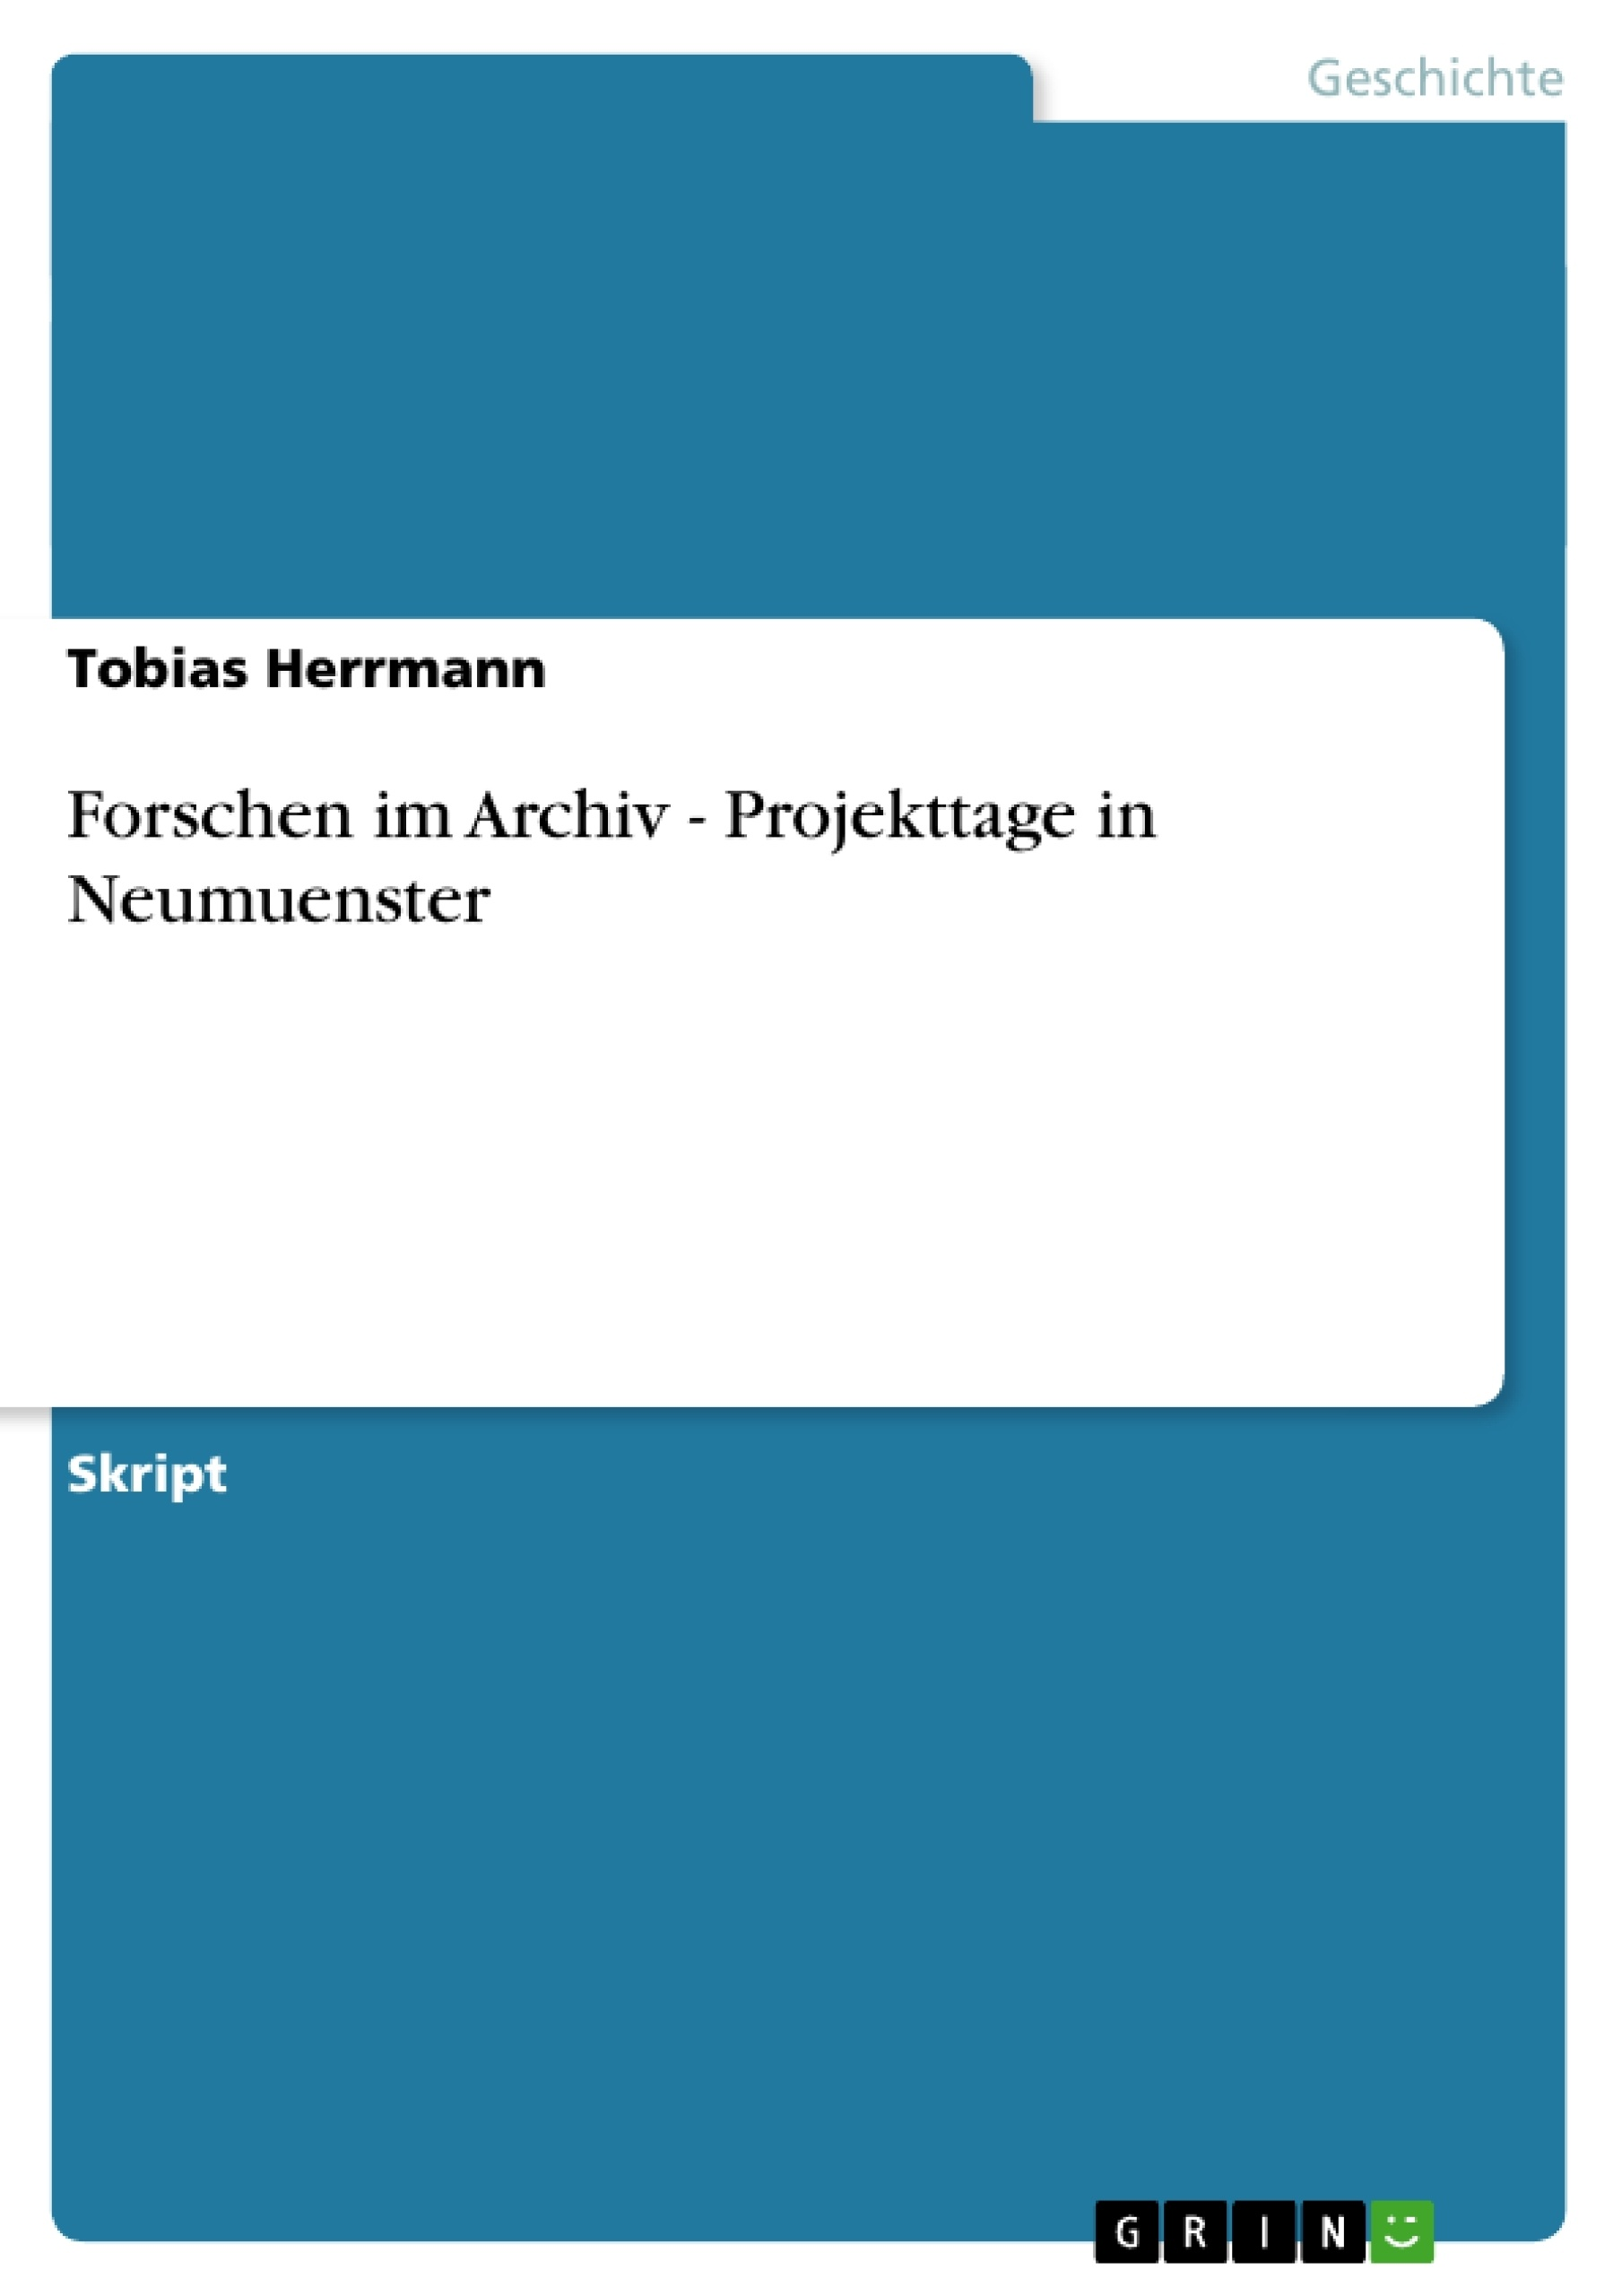 Titel: Forschen im Archiv - Projekttage in Neumuenster